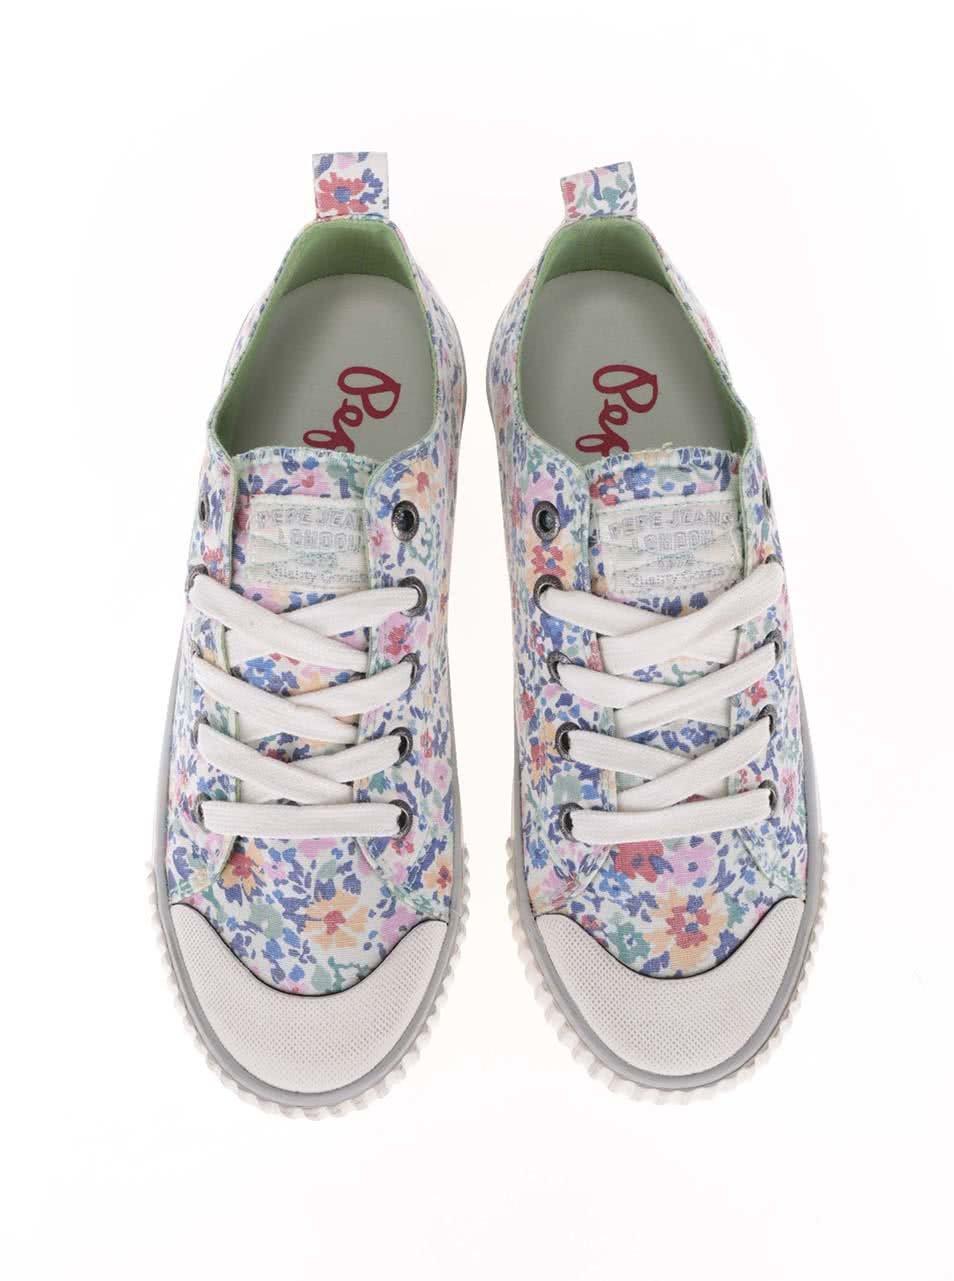 037d8f68bb72 Farebné dámske kvetinové tenisky Pepe Jeans ...